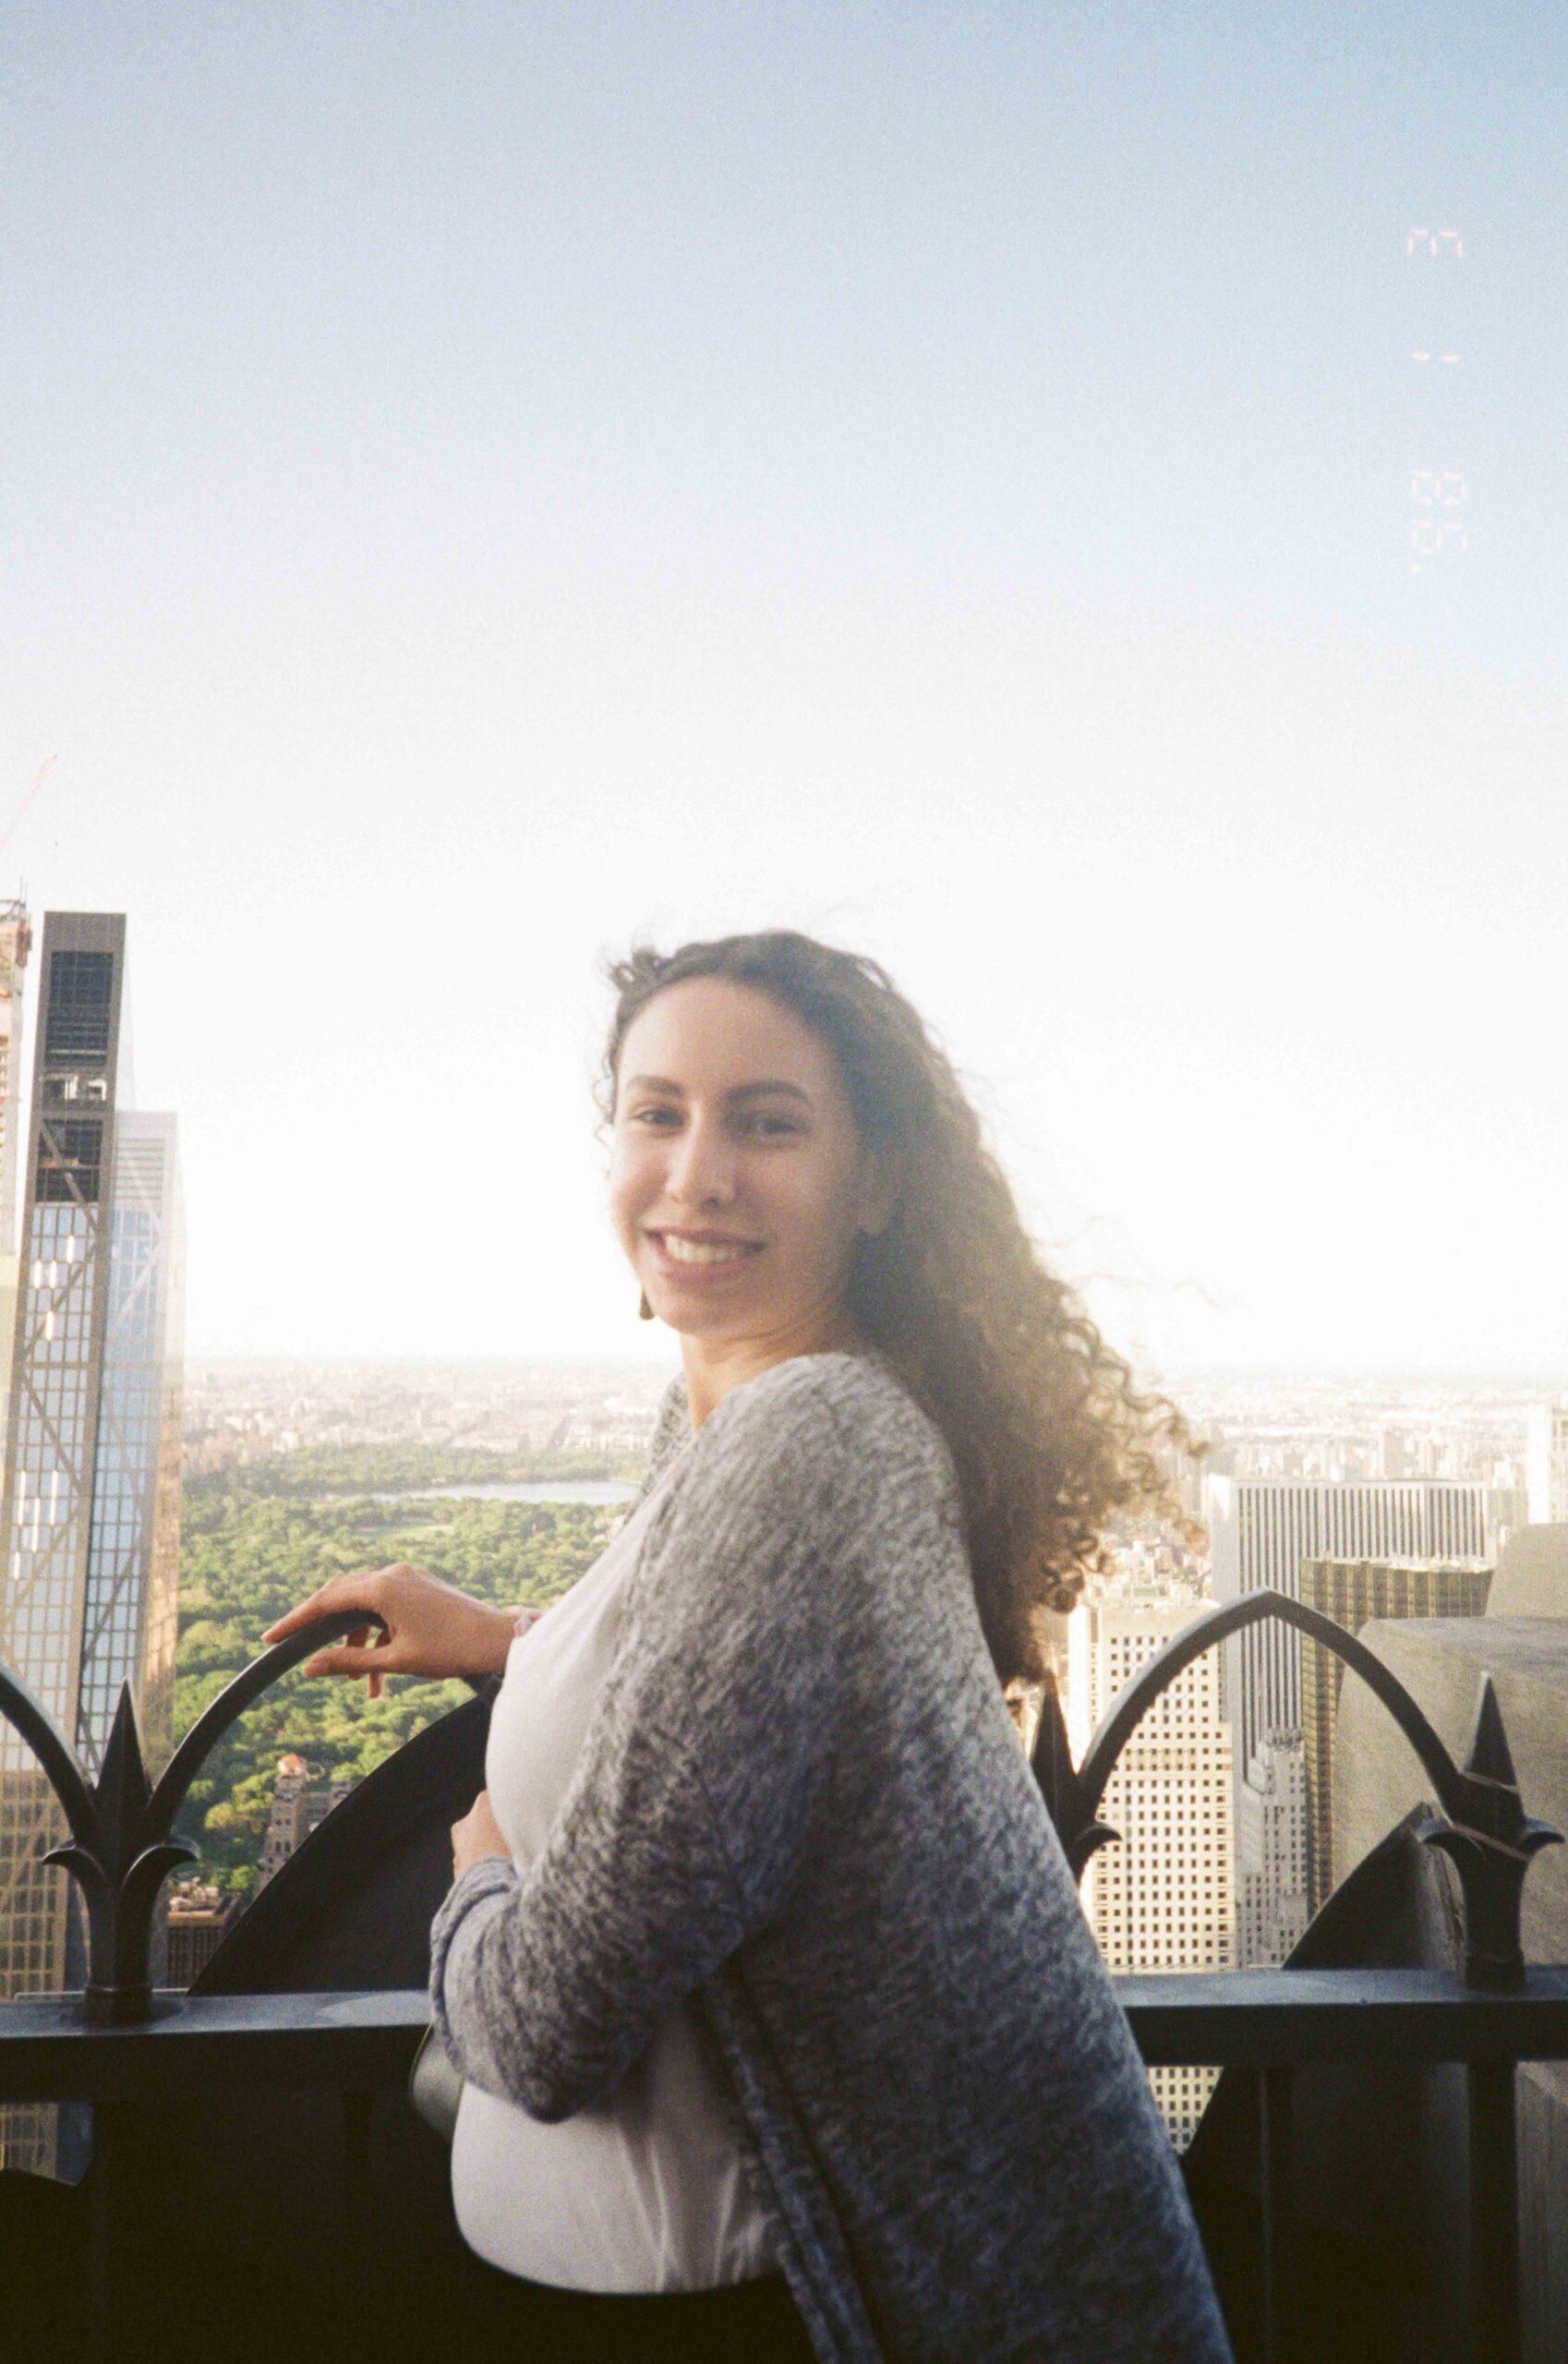 NYC-Portrait-Photos-20